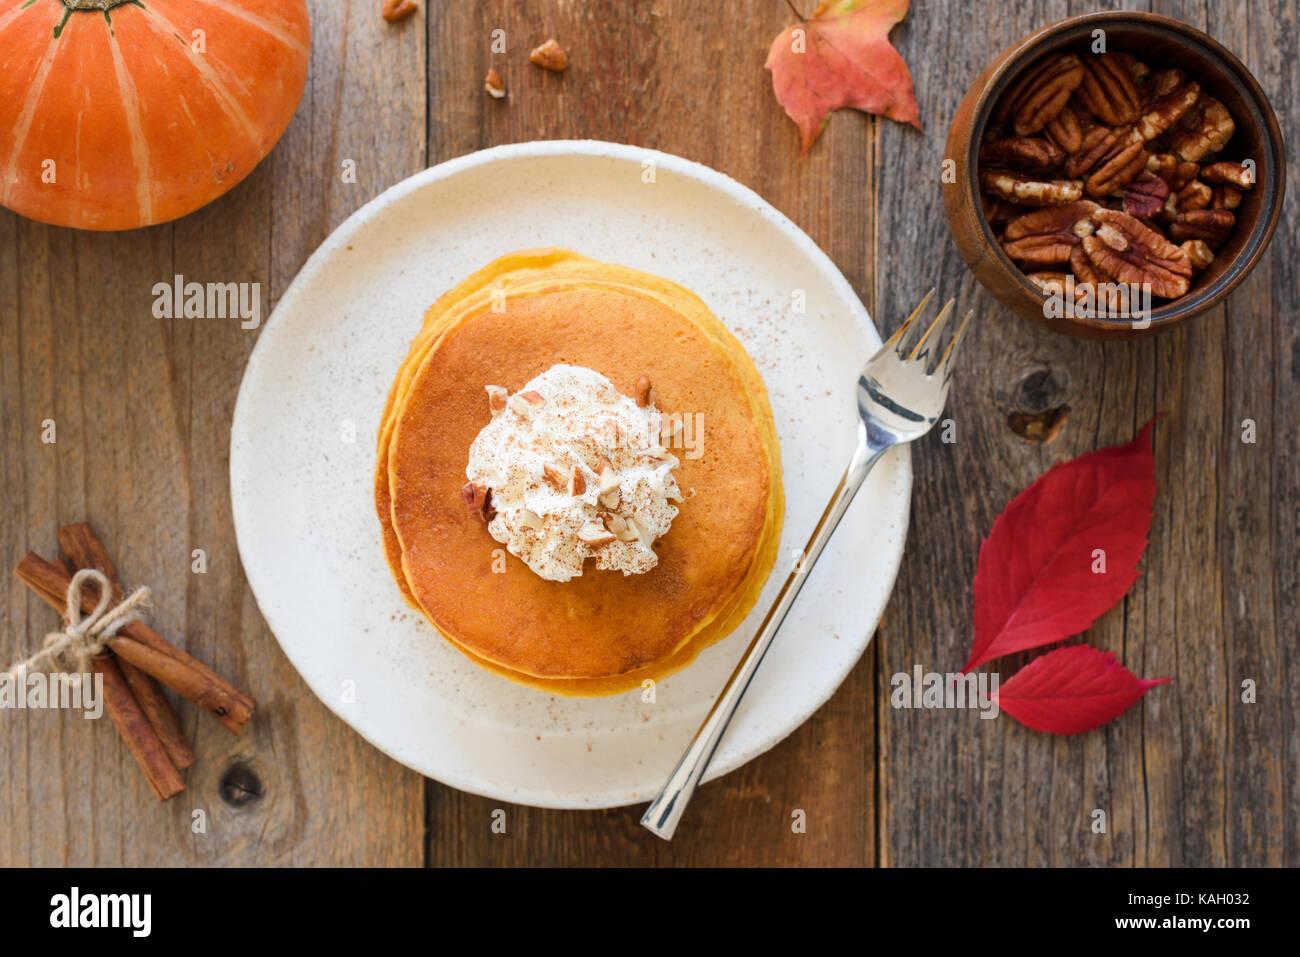 Crêpes à la citrouille avec crème fouettée et cannelle sur table en bois. vue d'en haut, Photo Stock